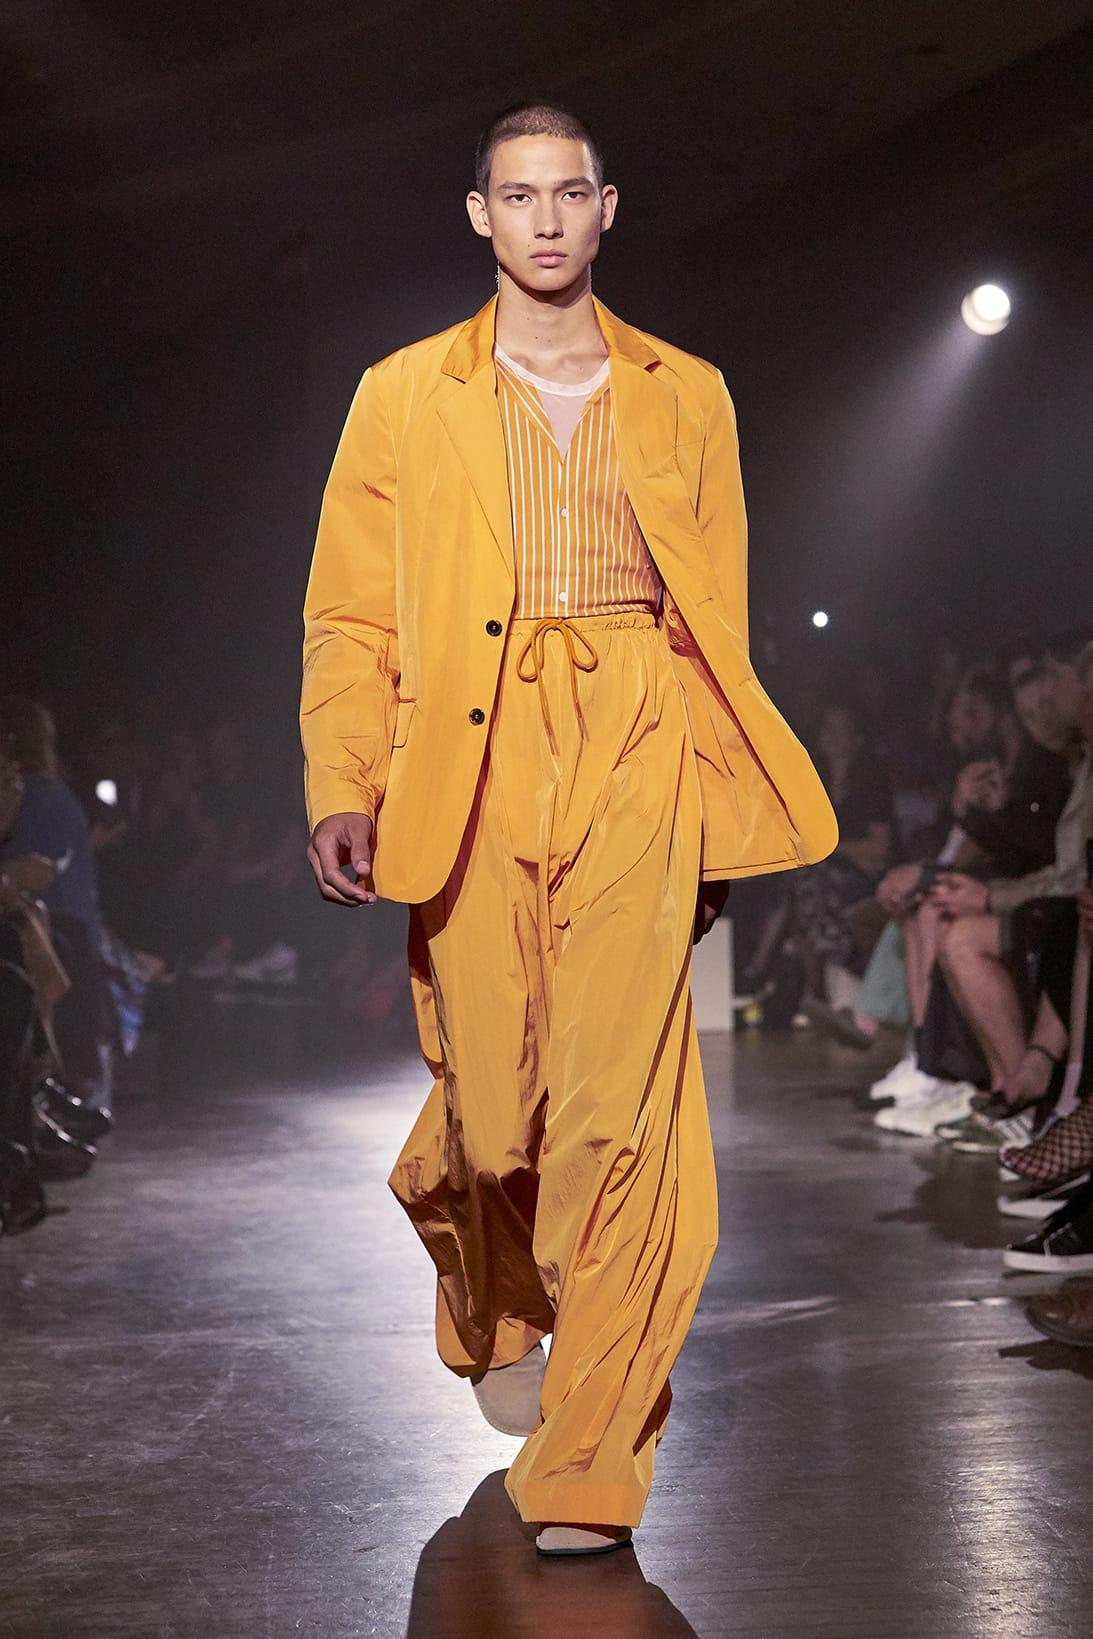 Kenzo SpringSummer 2019 Collection – Paris Fashion Week